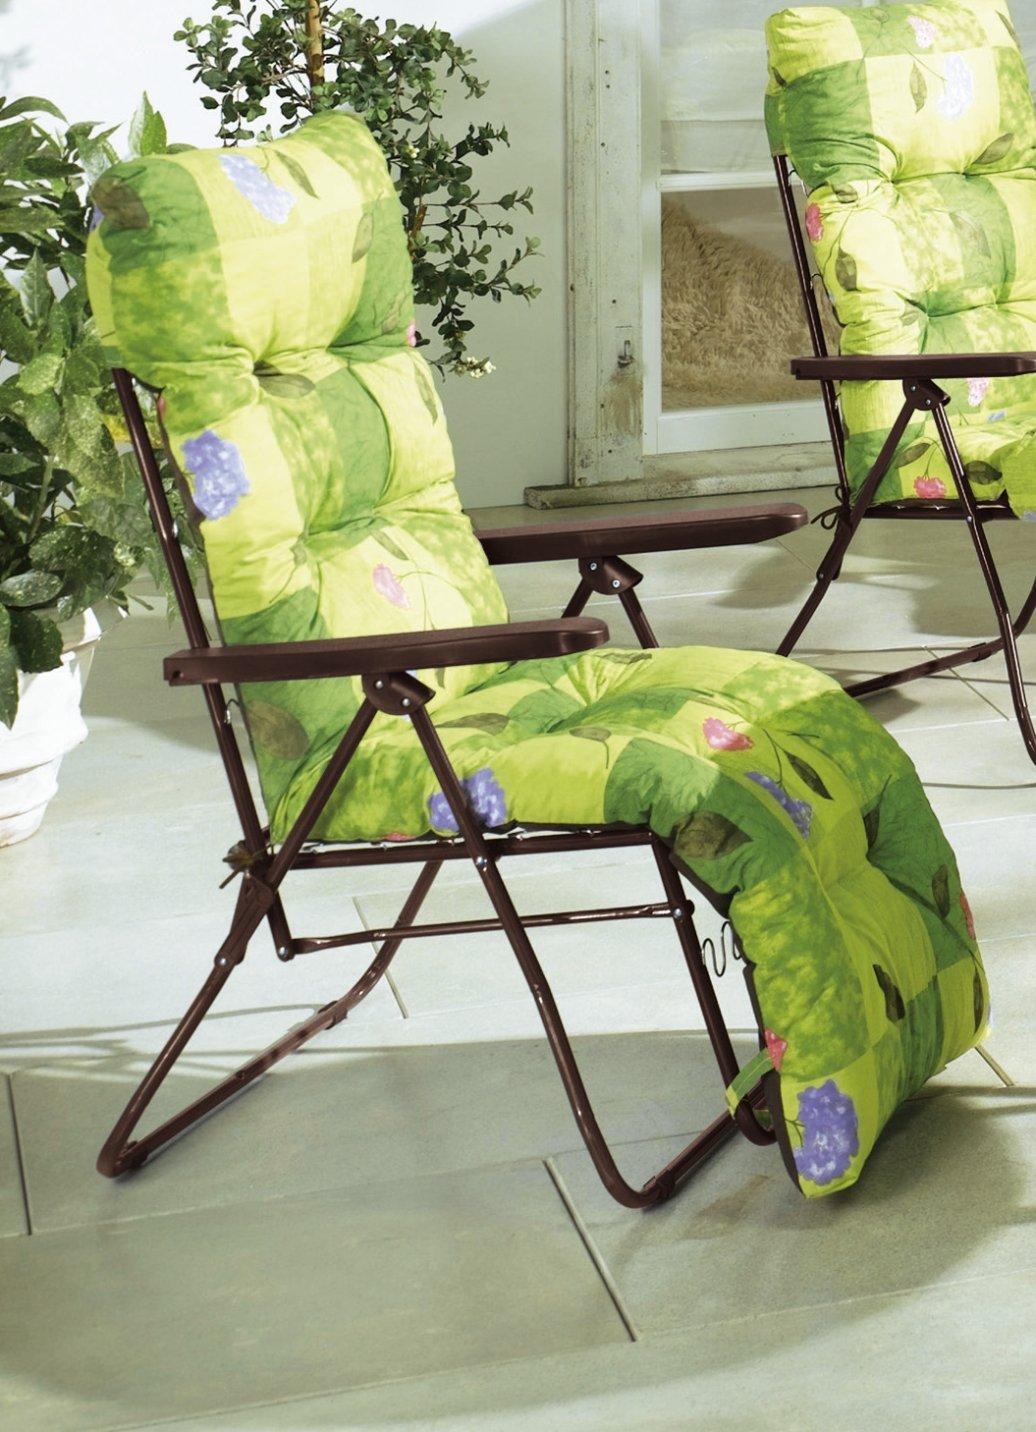 Hochlehner gartenstuhl blau auflage klappsessel for Gartenstuhl auflage